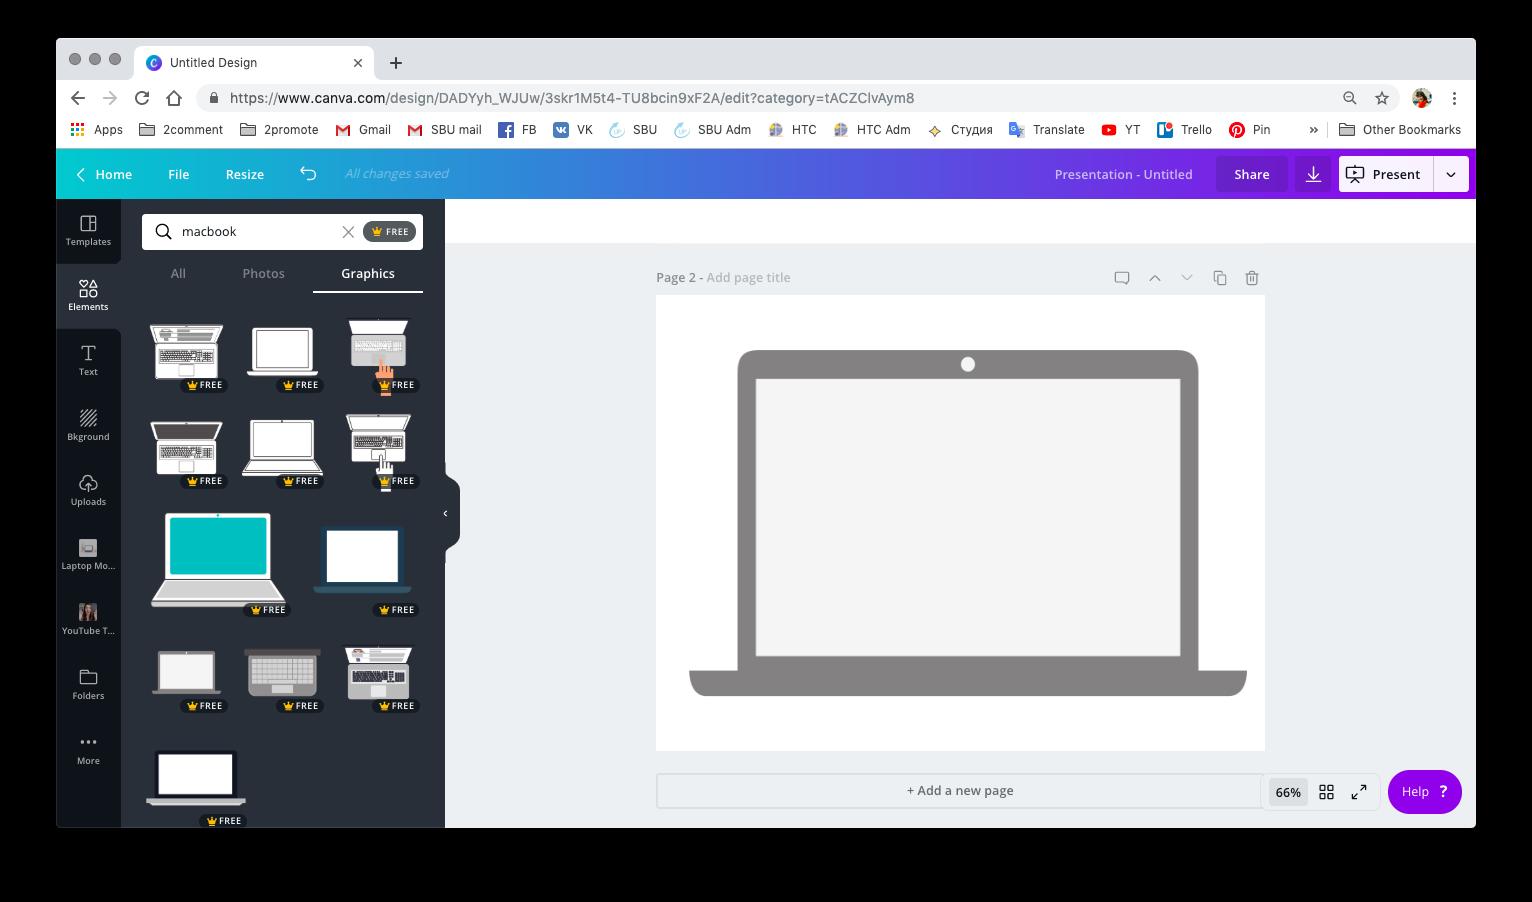 Как сделать картинки c экраном лэптопа с помощью Canva | Блог Варвары Лялягиной StartBlogUp.com